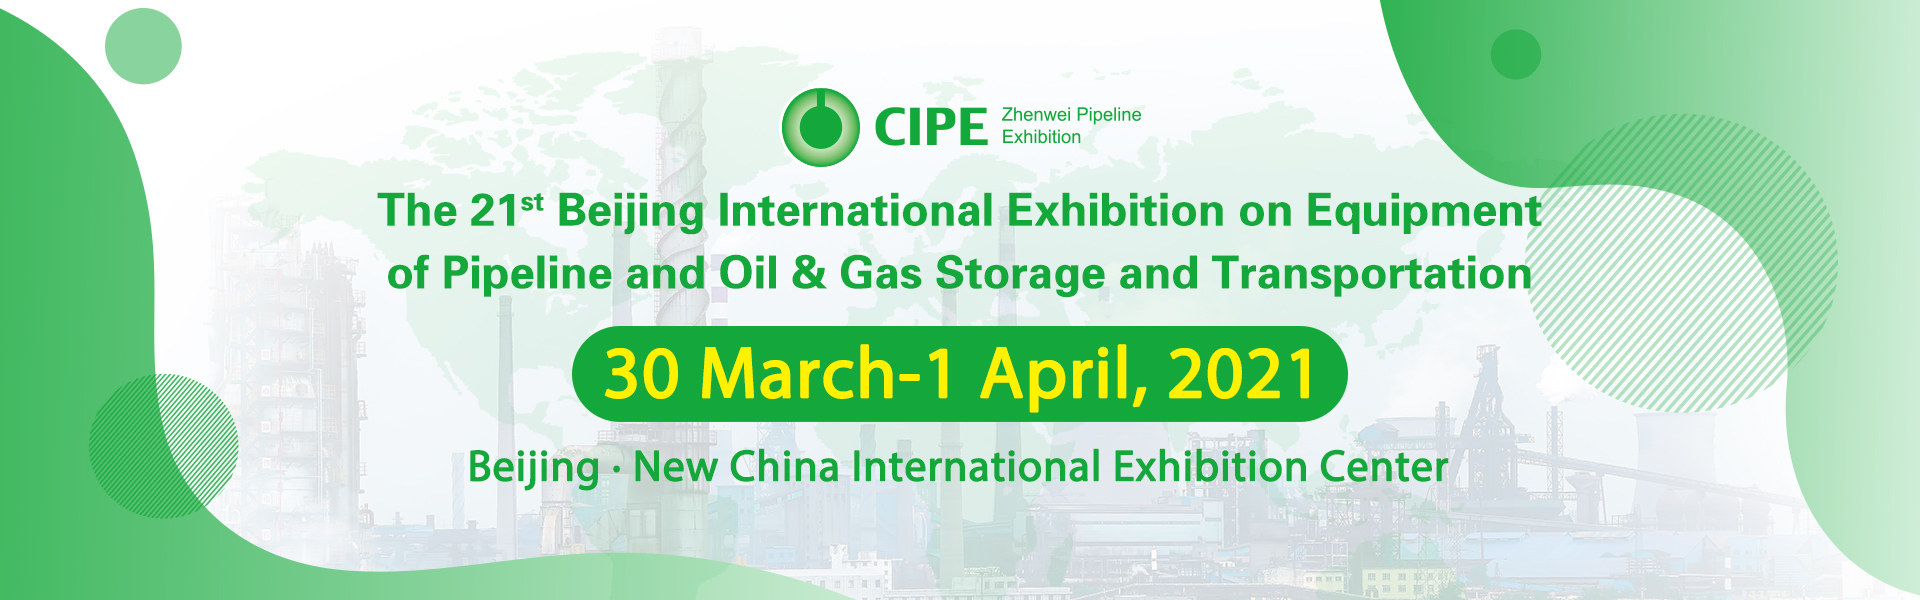 نمایشگاه بین المللی تجهیزات حمل و نقل سوخت (گاز و نفت) پکن چین